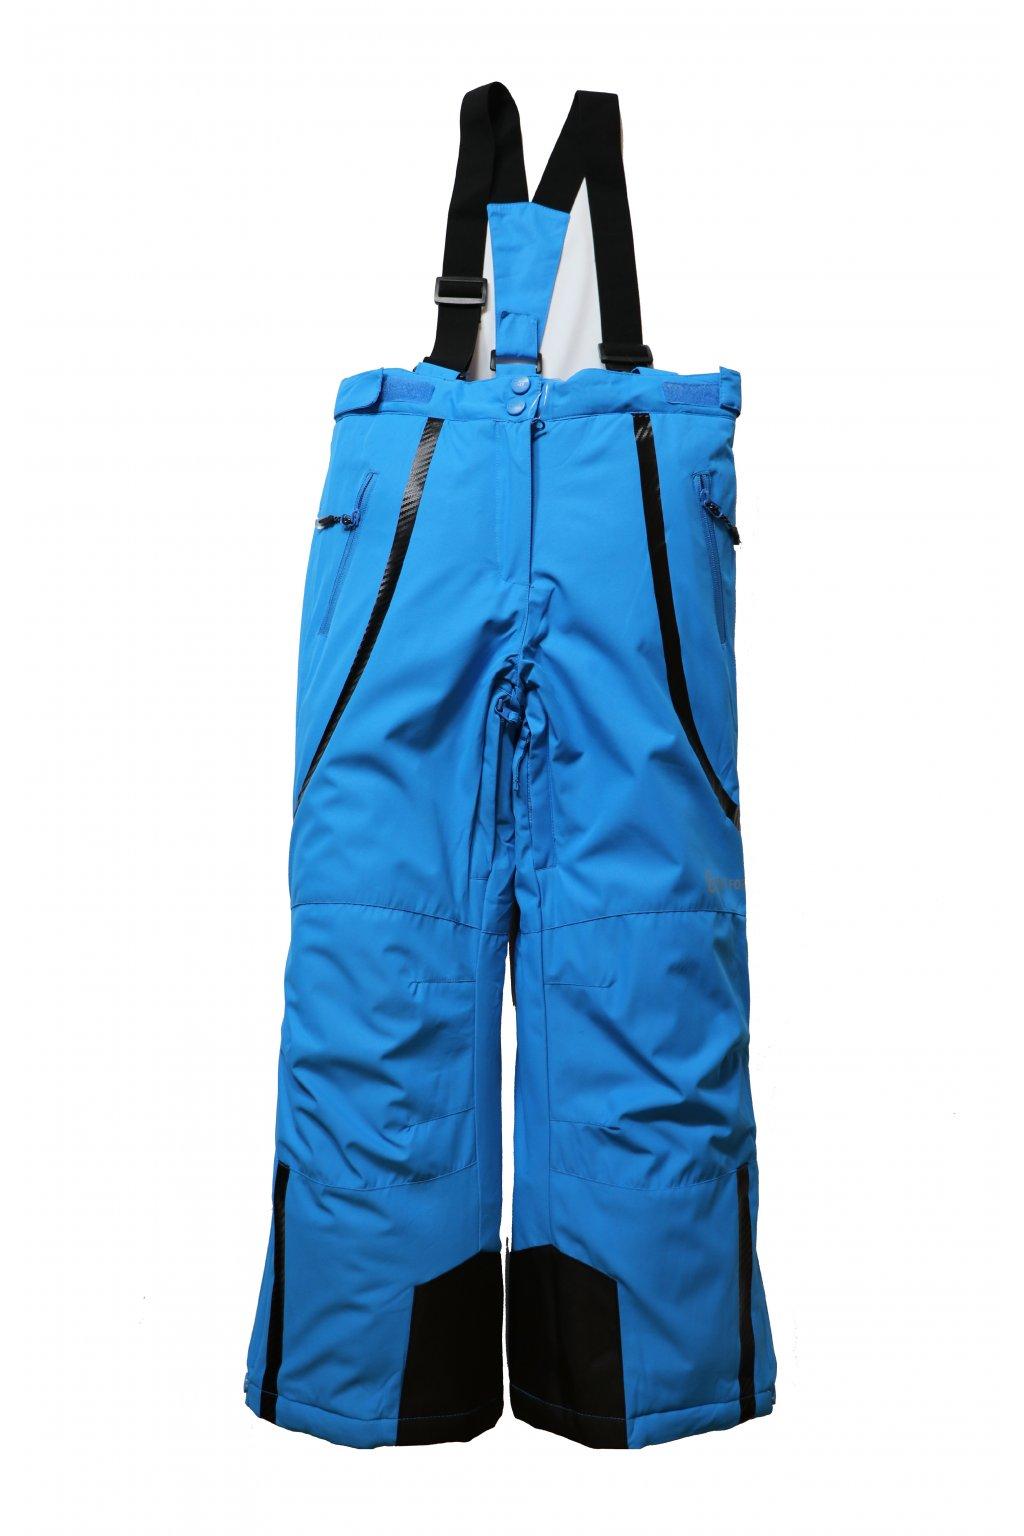 Dětské lyžařské kalhoty HB01-M1 modrá